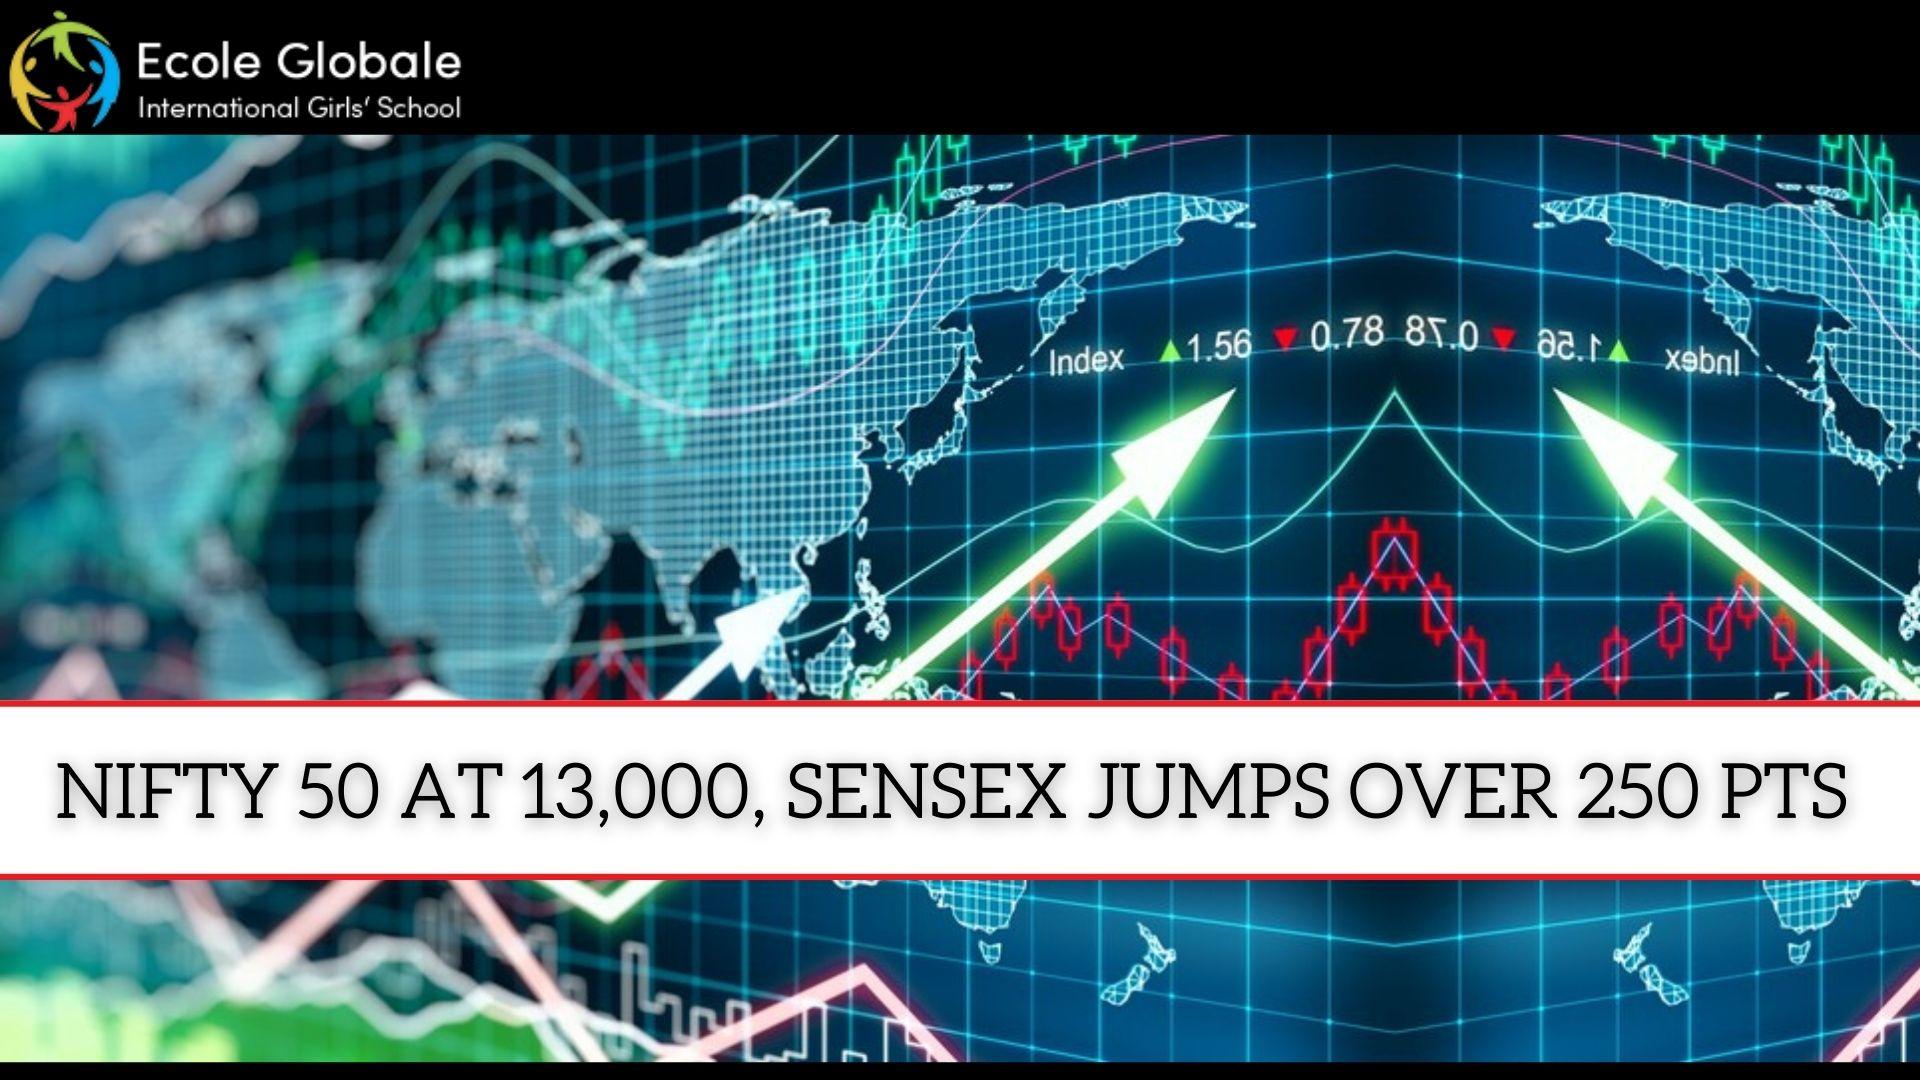 Nifty 50 At 13,000 Sensex Jumps Over 250 Pts